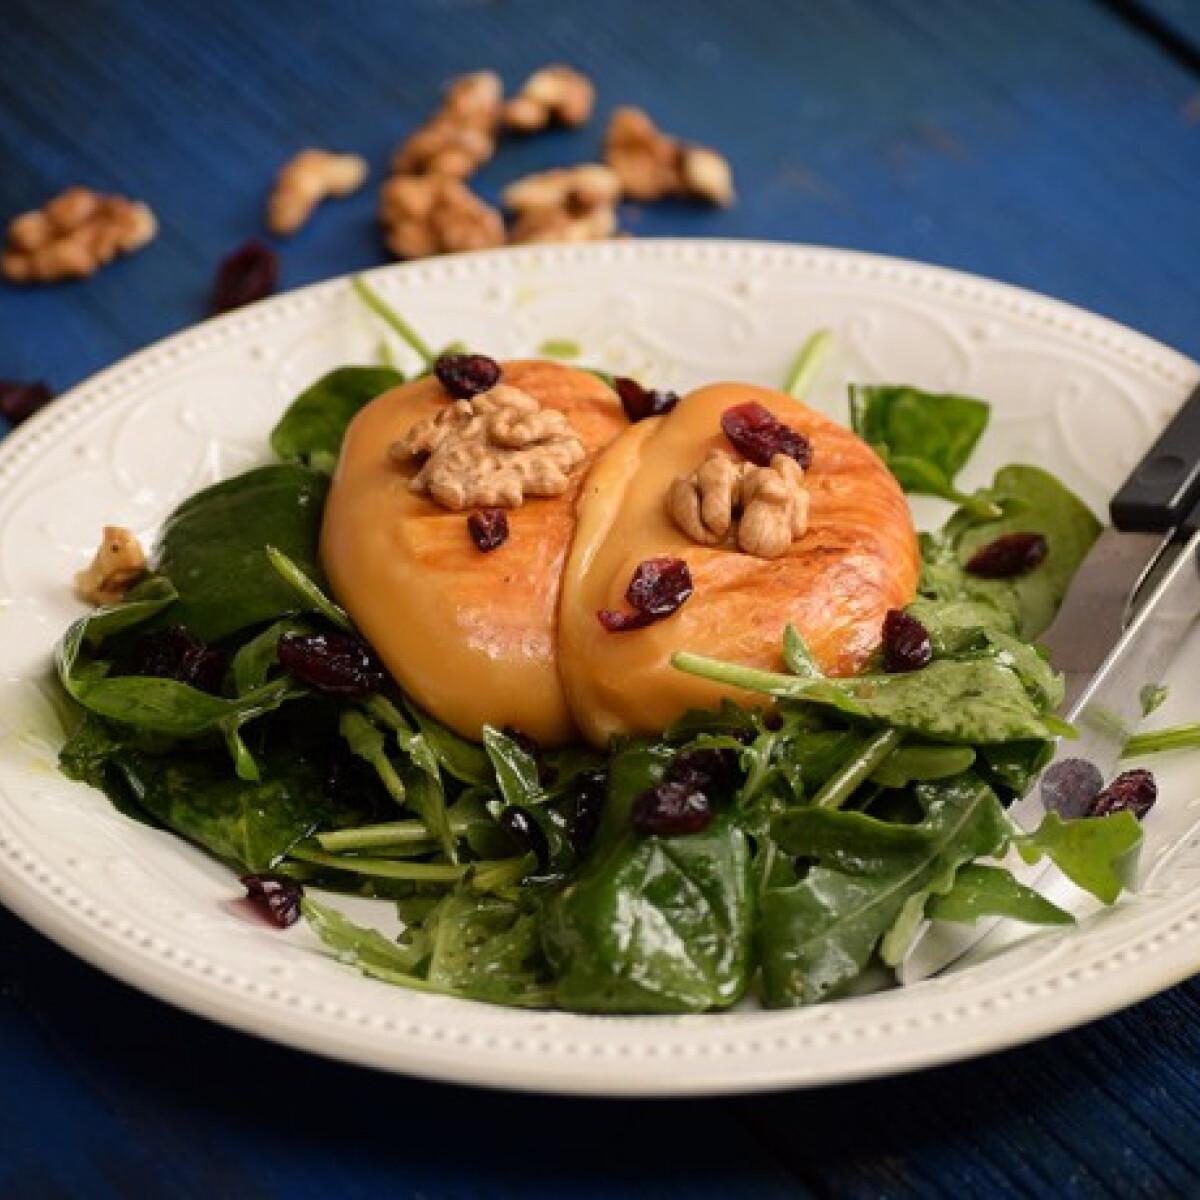 Grillsajt áfonyás kevert salátával